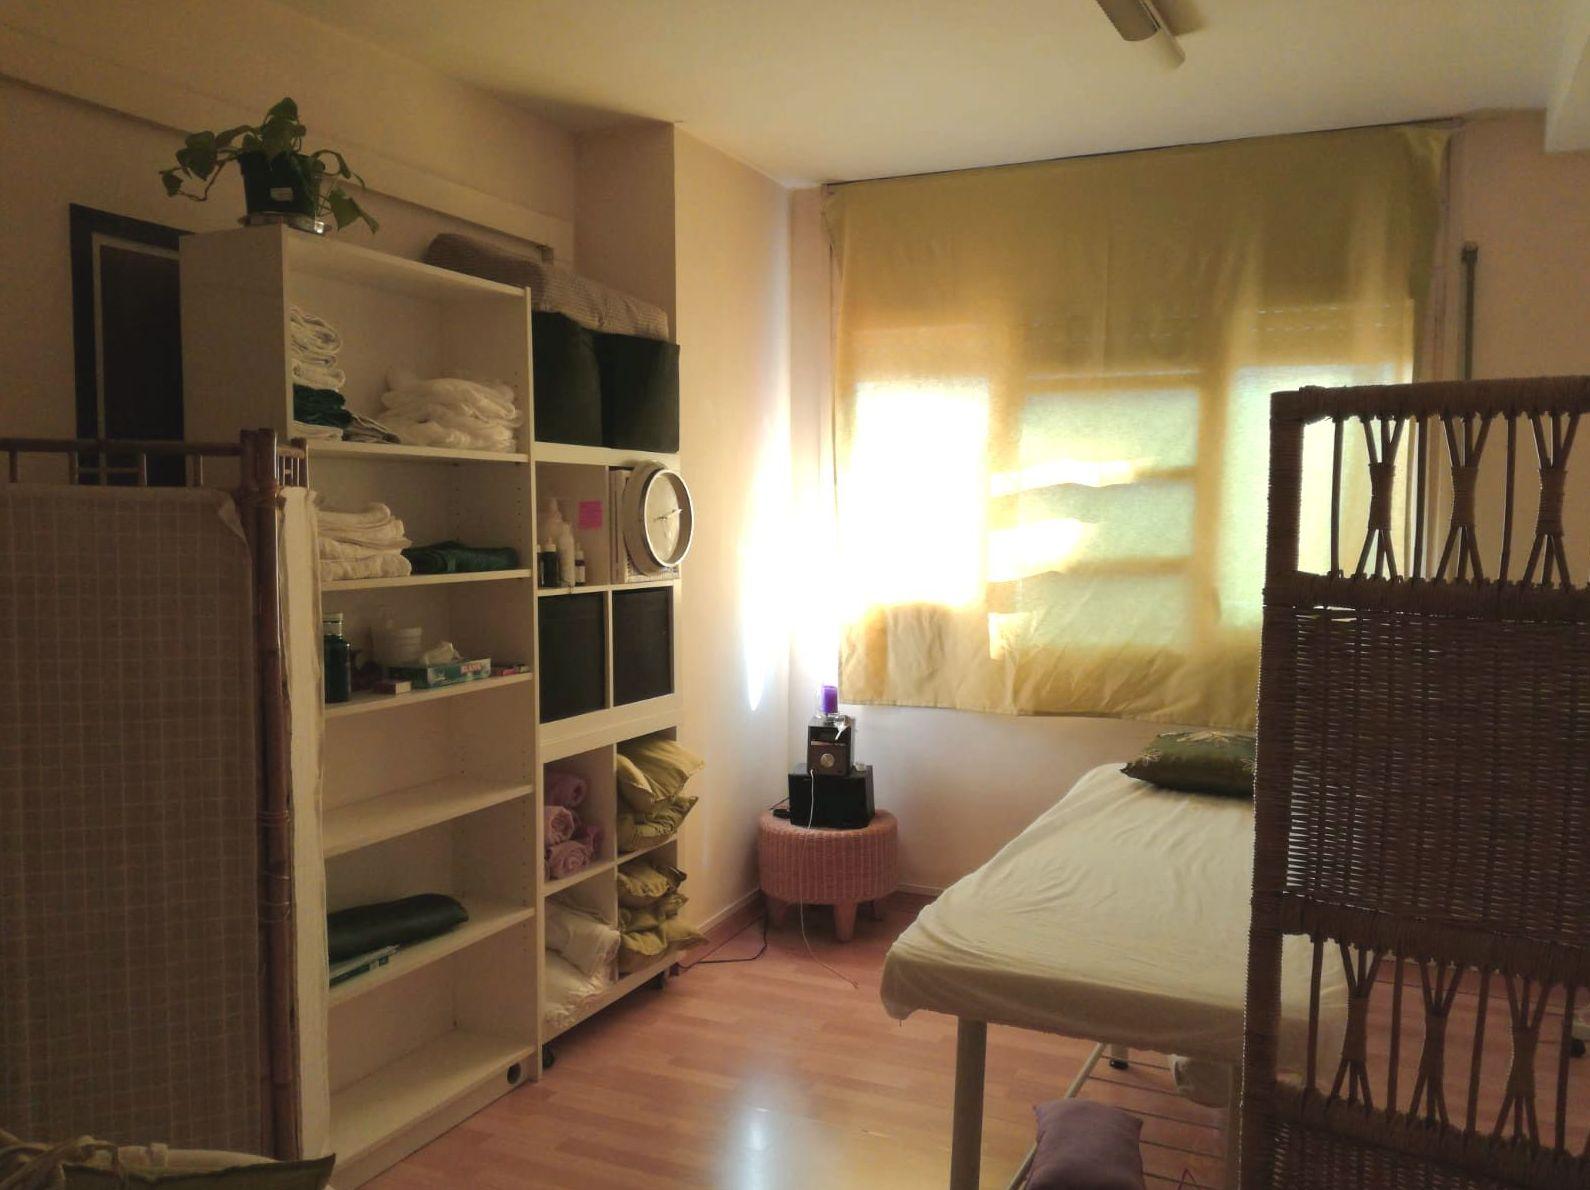 Foto 7 de Terapias naturales en Sabadell | Elena Tamayo Terapies